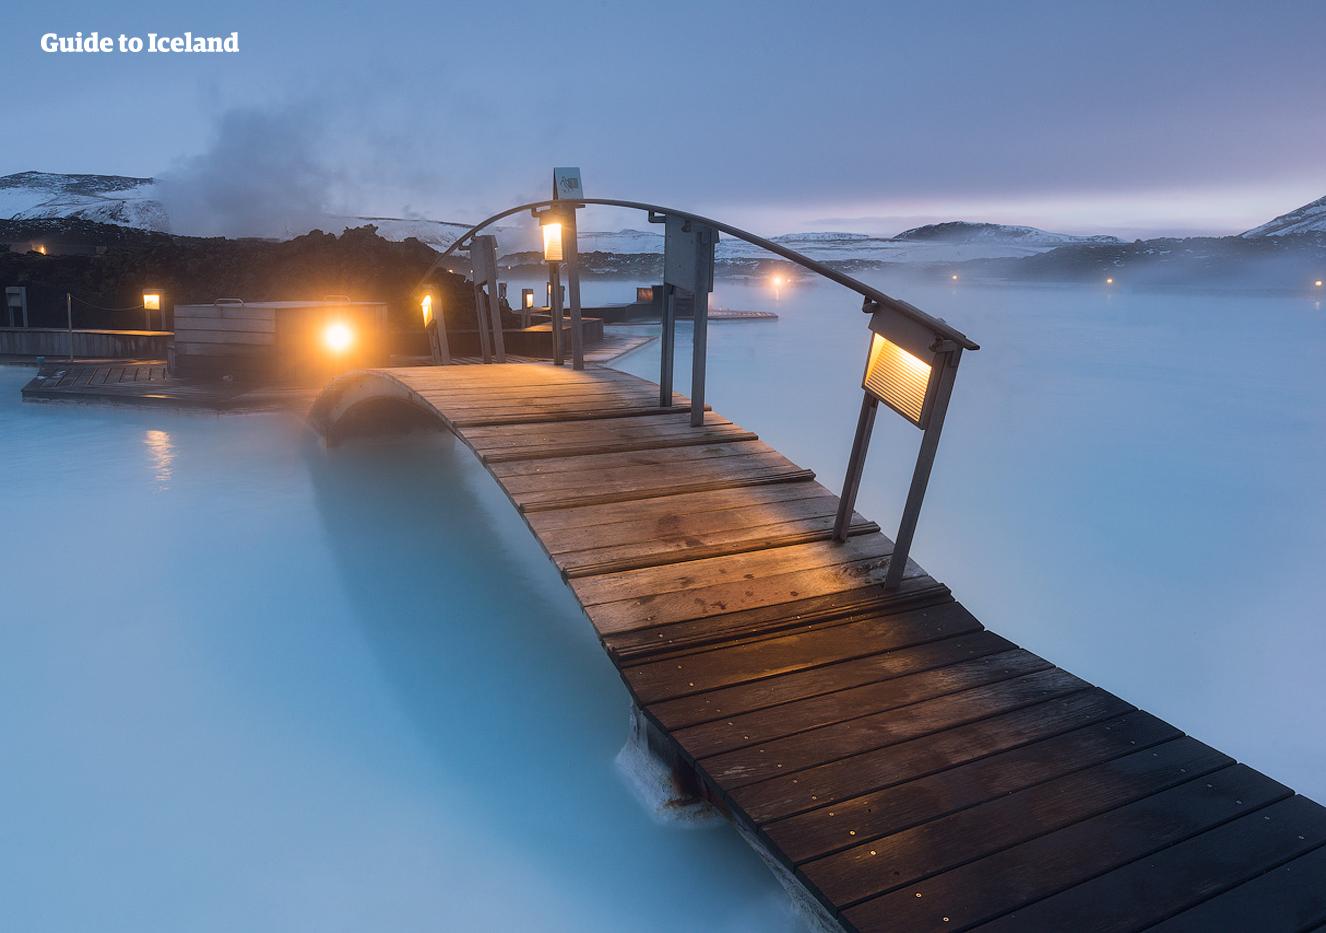 Een duik in het geothermisch verwarmde water van de Blue Lagoon is een geweldige remedie tegen jetlag